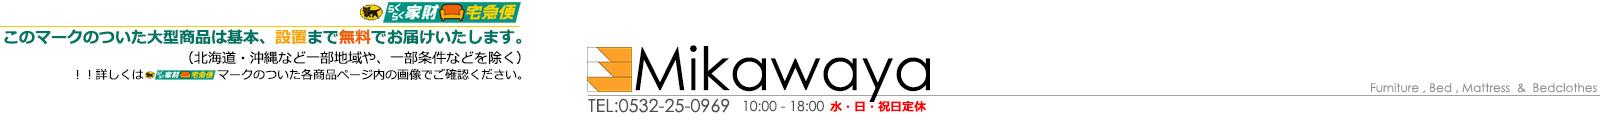 三河屋:Mikawaya/三河屋はフランスベッド,シーリーベッド、サータなどの正規販売店